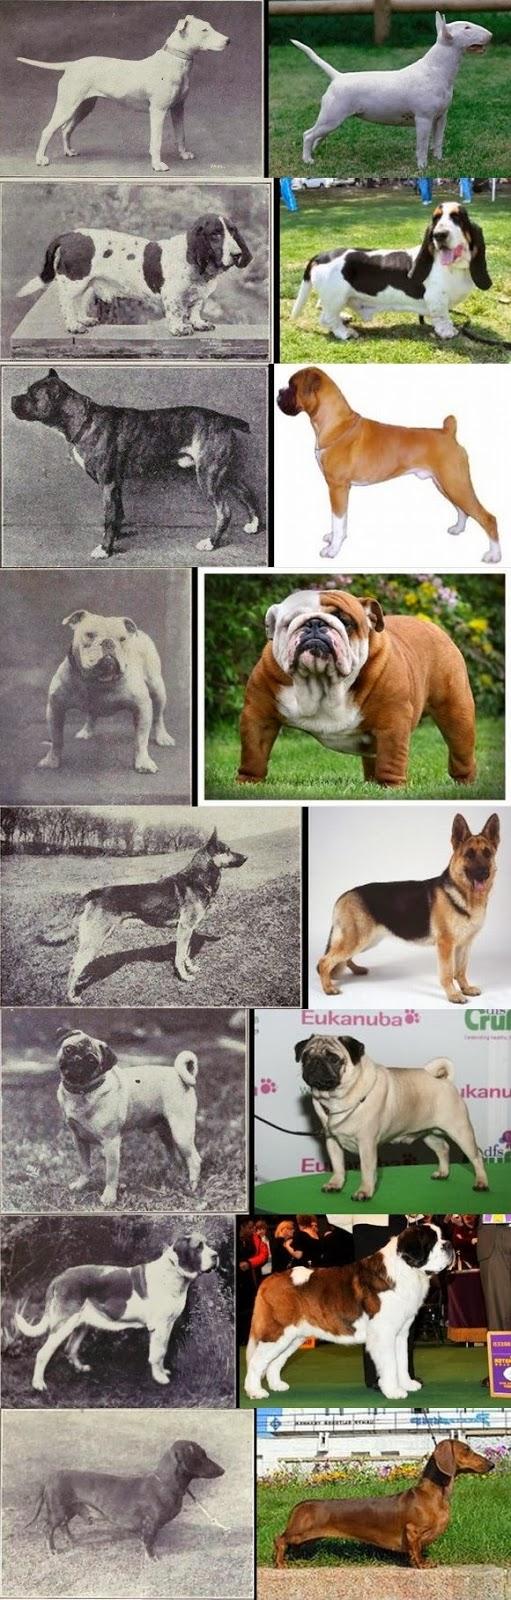 The Blog Pedigree Dog Dog Breeds Dog Breed Photos